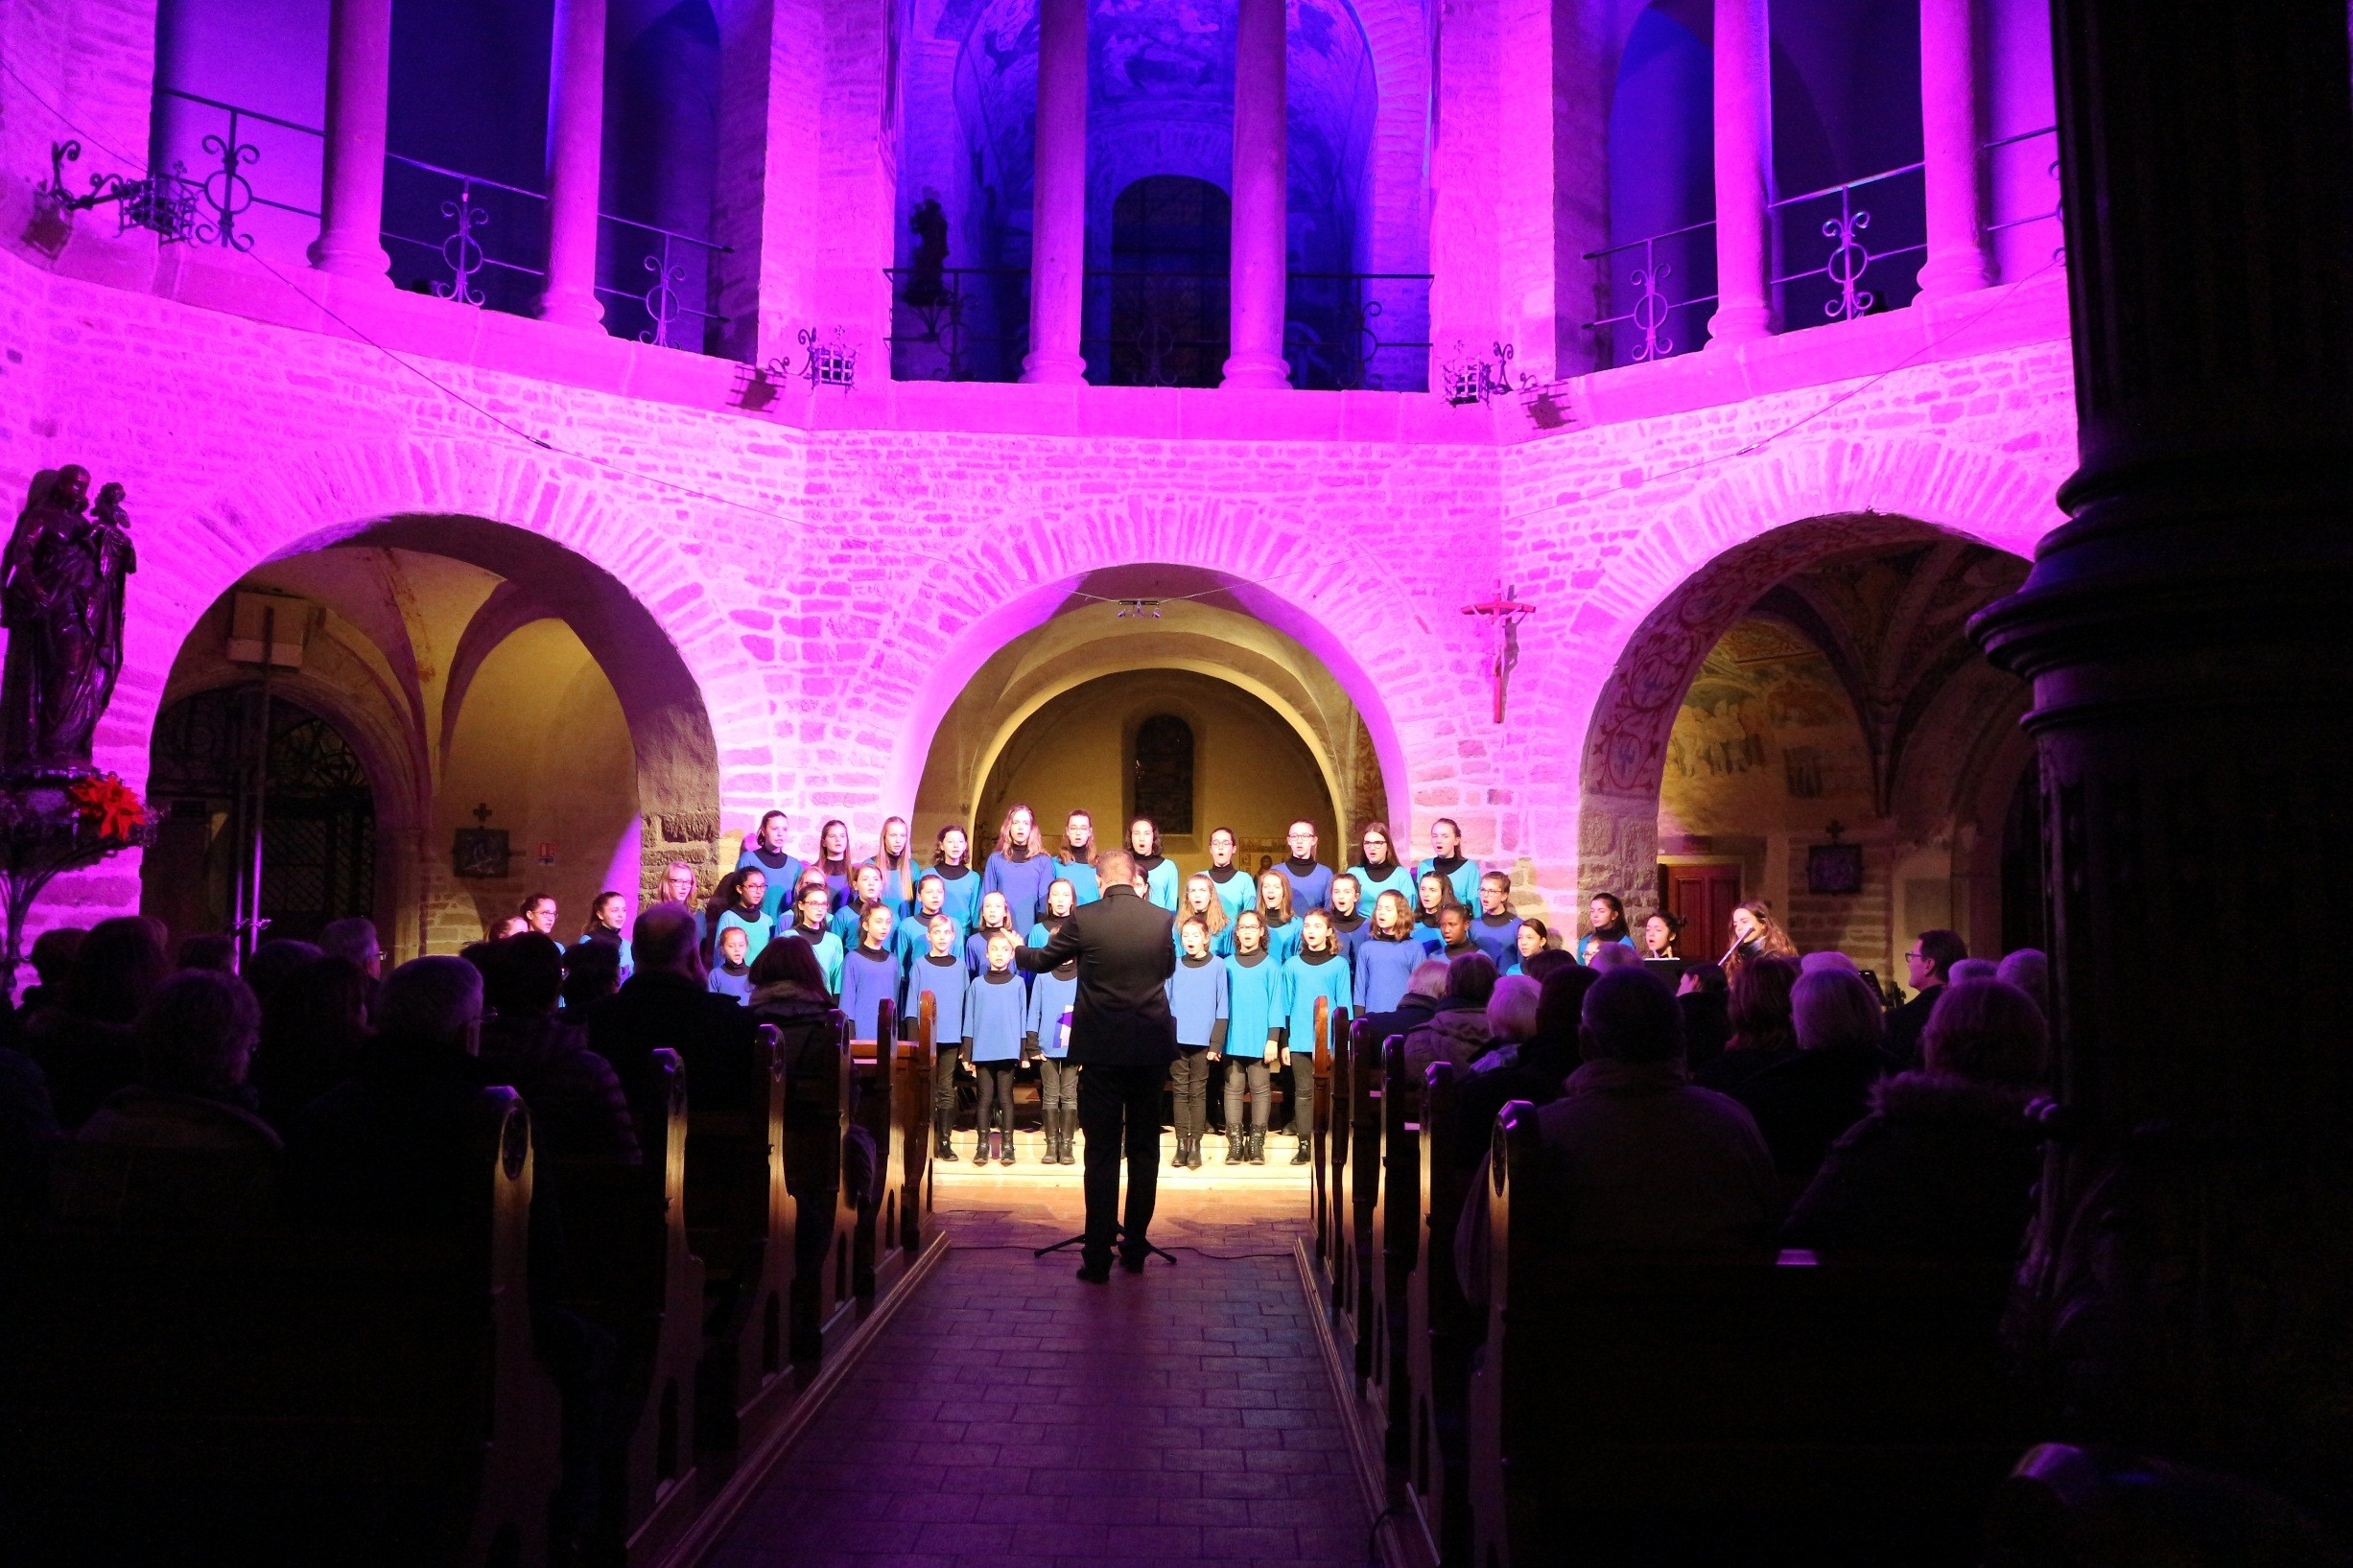 La Manécanterie de St Jean, chœur de jeunes filles de Colmar